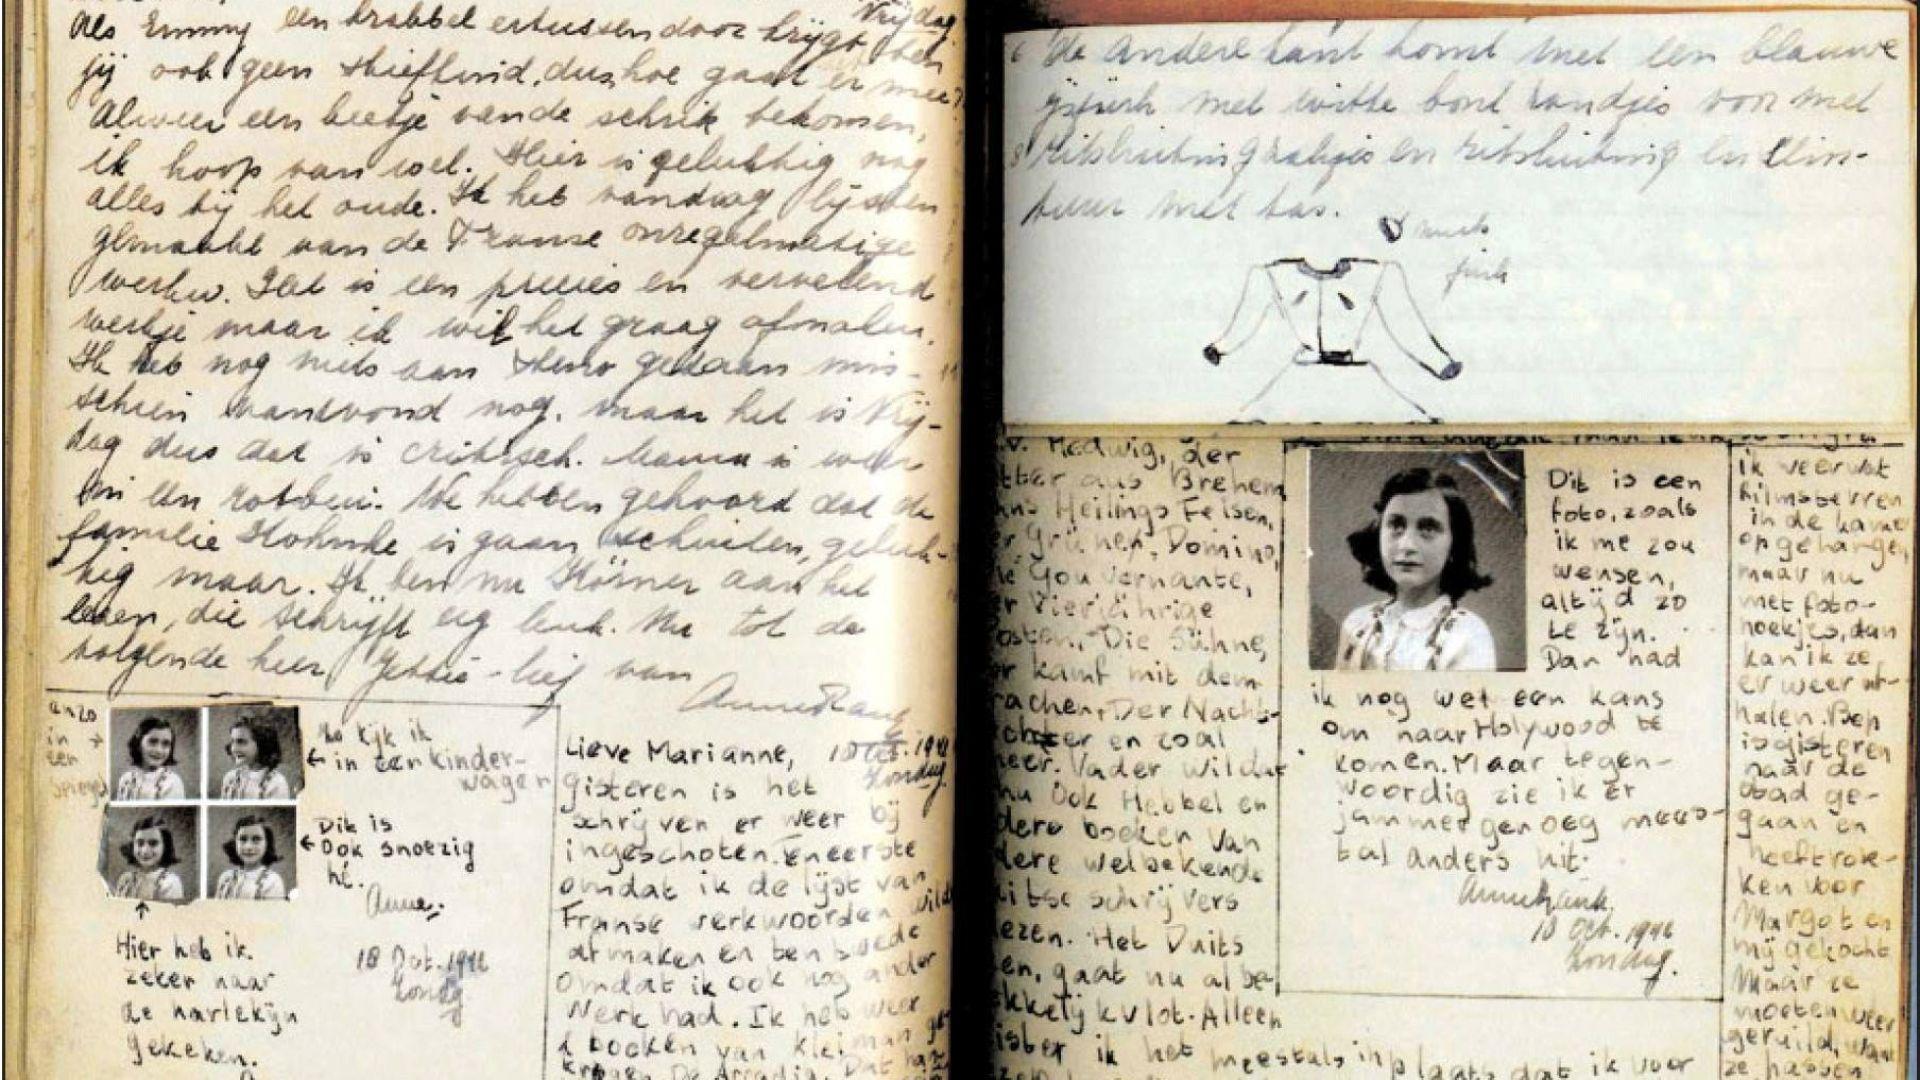 221 ученици и родители преписаха дневника на Ане Франк